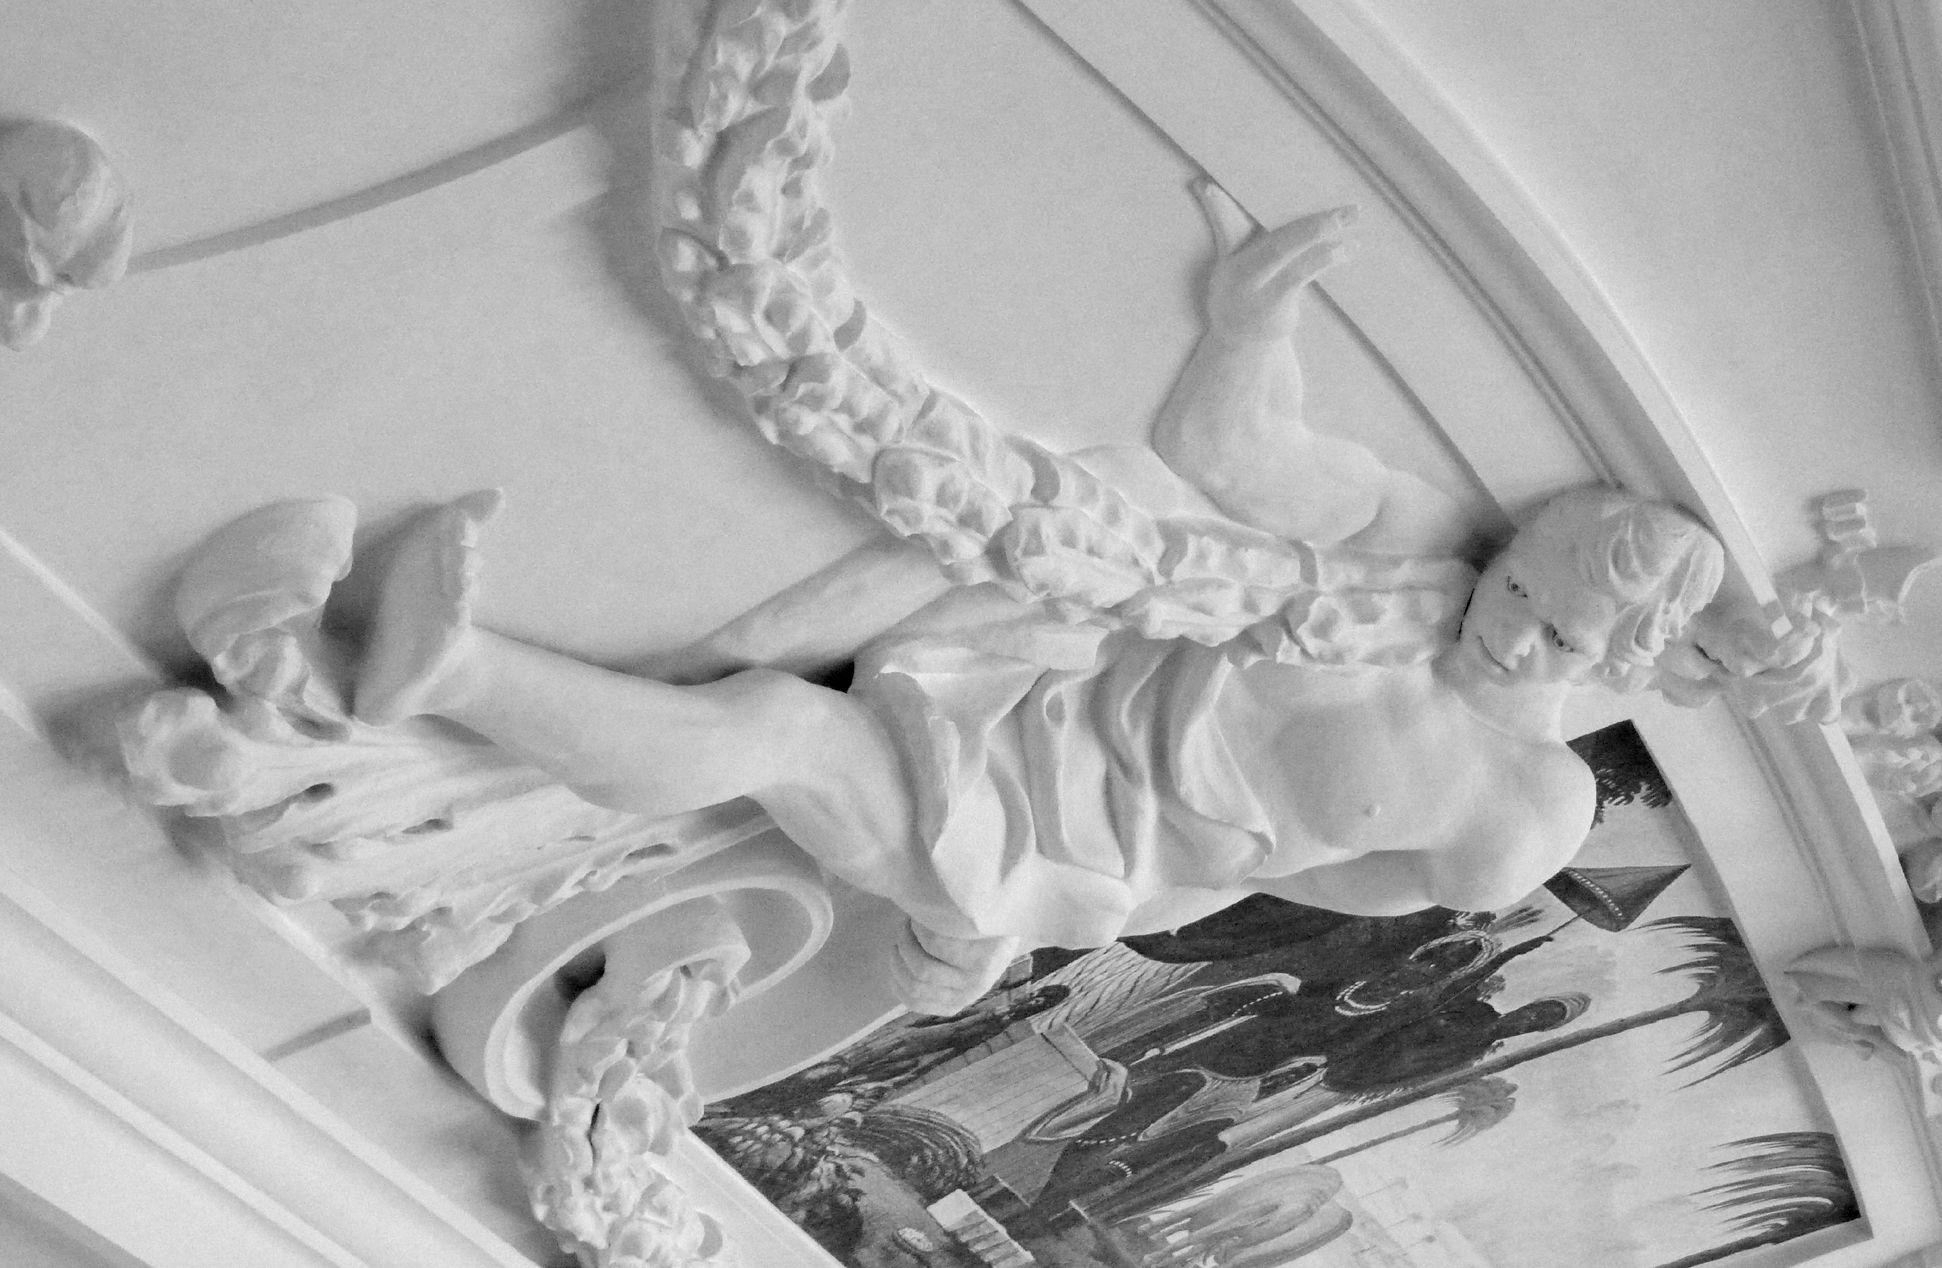 Stuckdecke aus dem Gartensaal des ehemaligen Merkelschen Anwesen Auf einer Volute sitzender Mann mit Girlande in südöstlicher Zimmerdecke, Schrägansicht